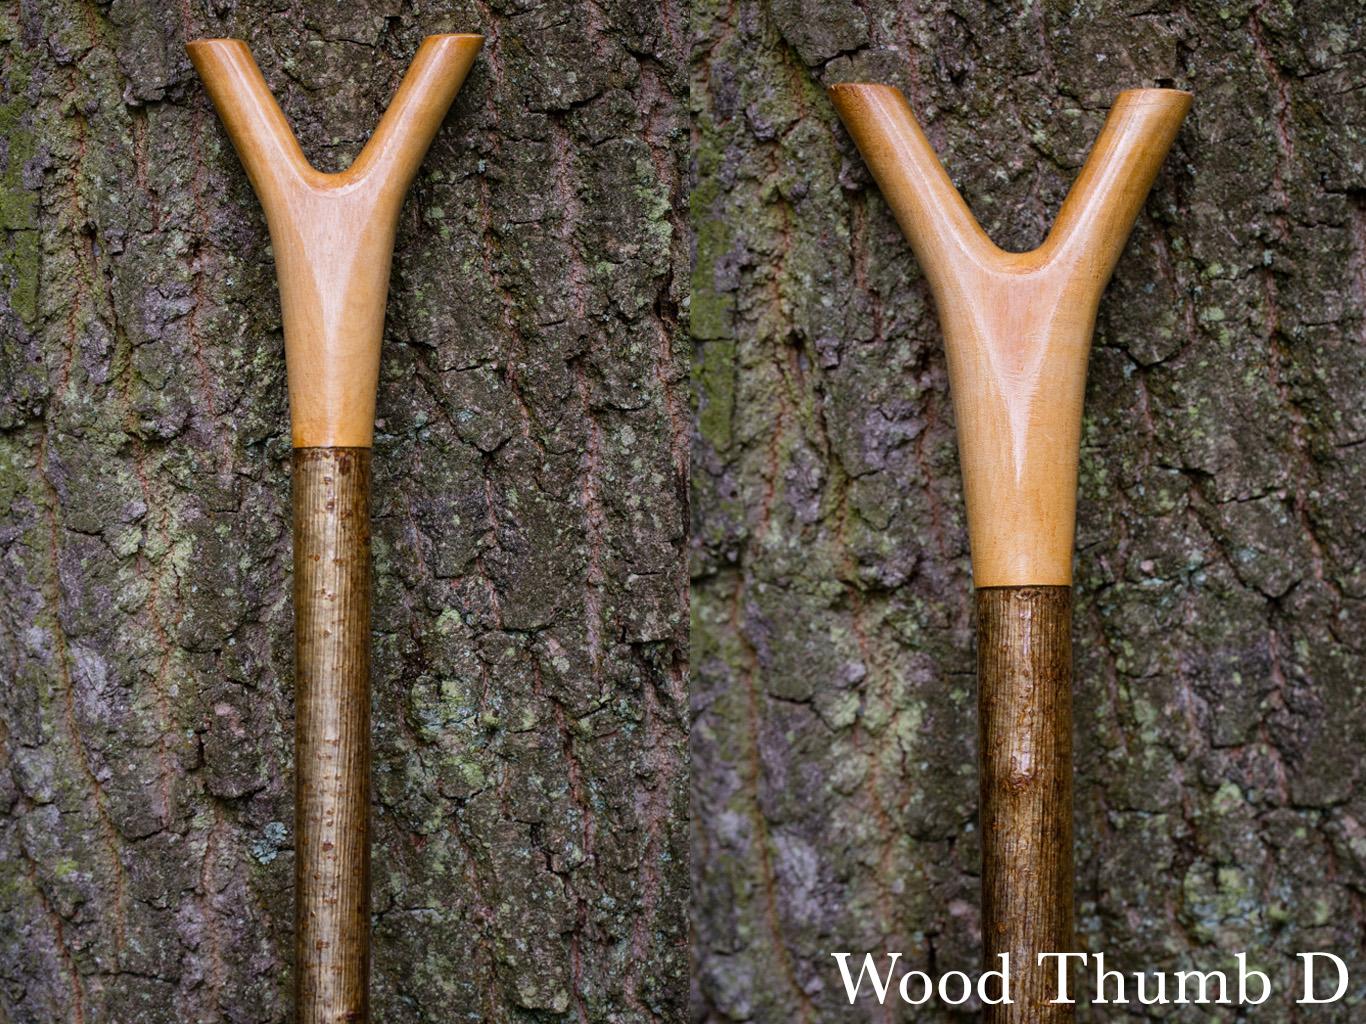 D Wood Thumb